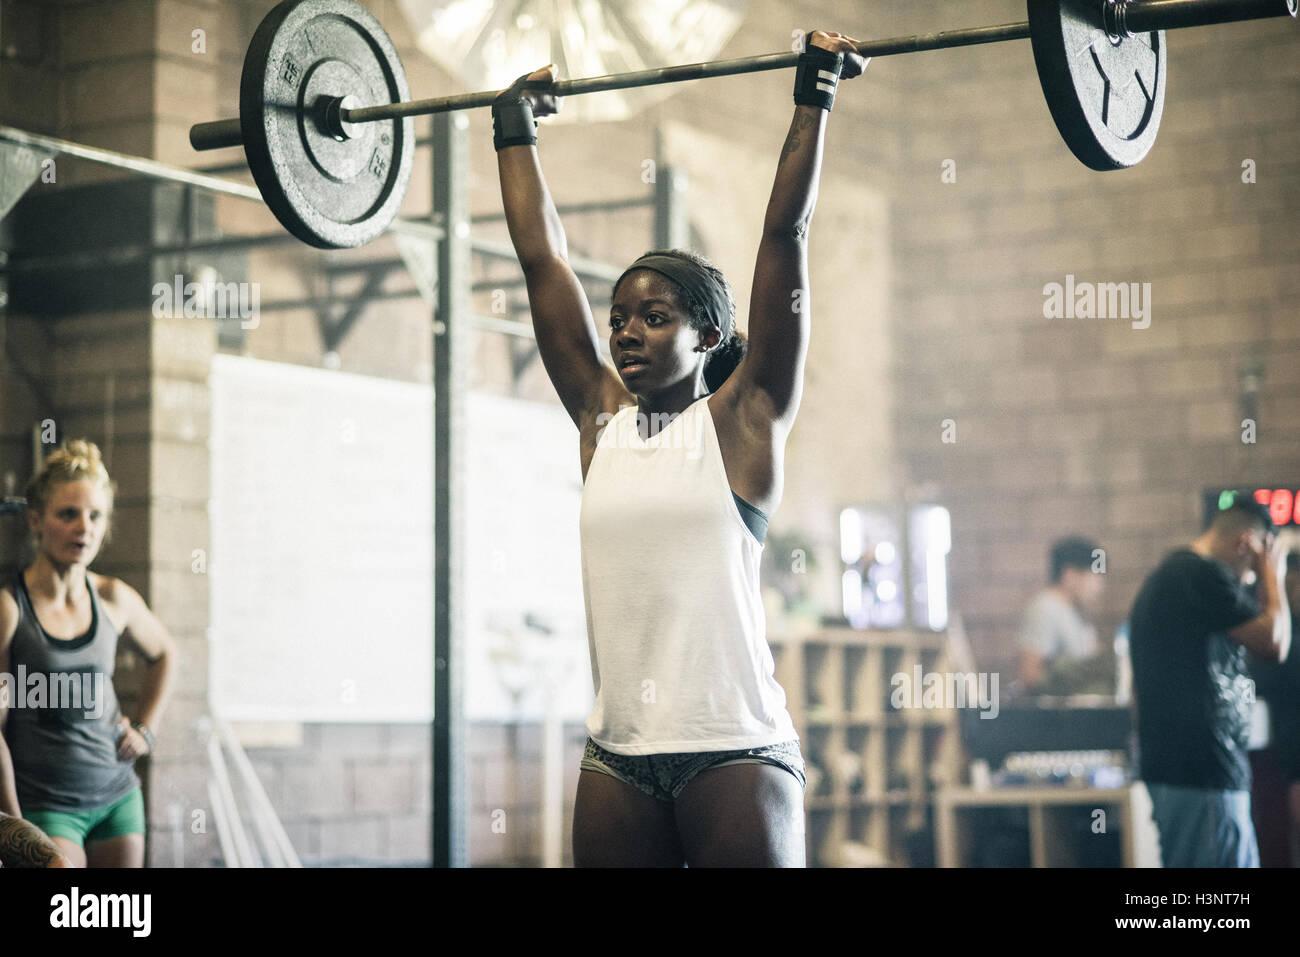 Entrenamiento cruzado atleta levantamiento barbell en gimnasio Imagen De Stock